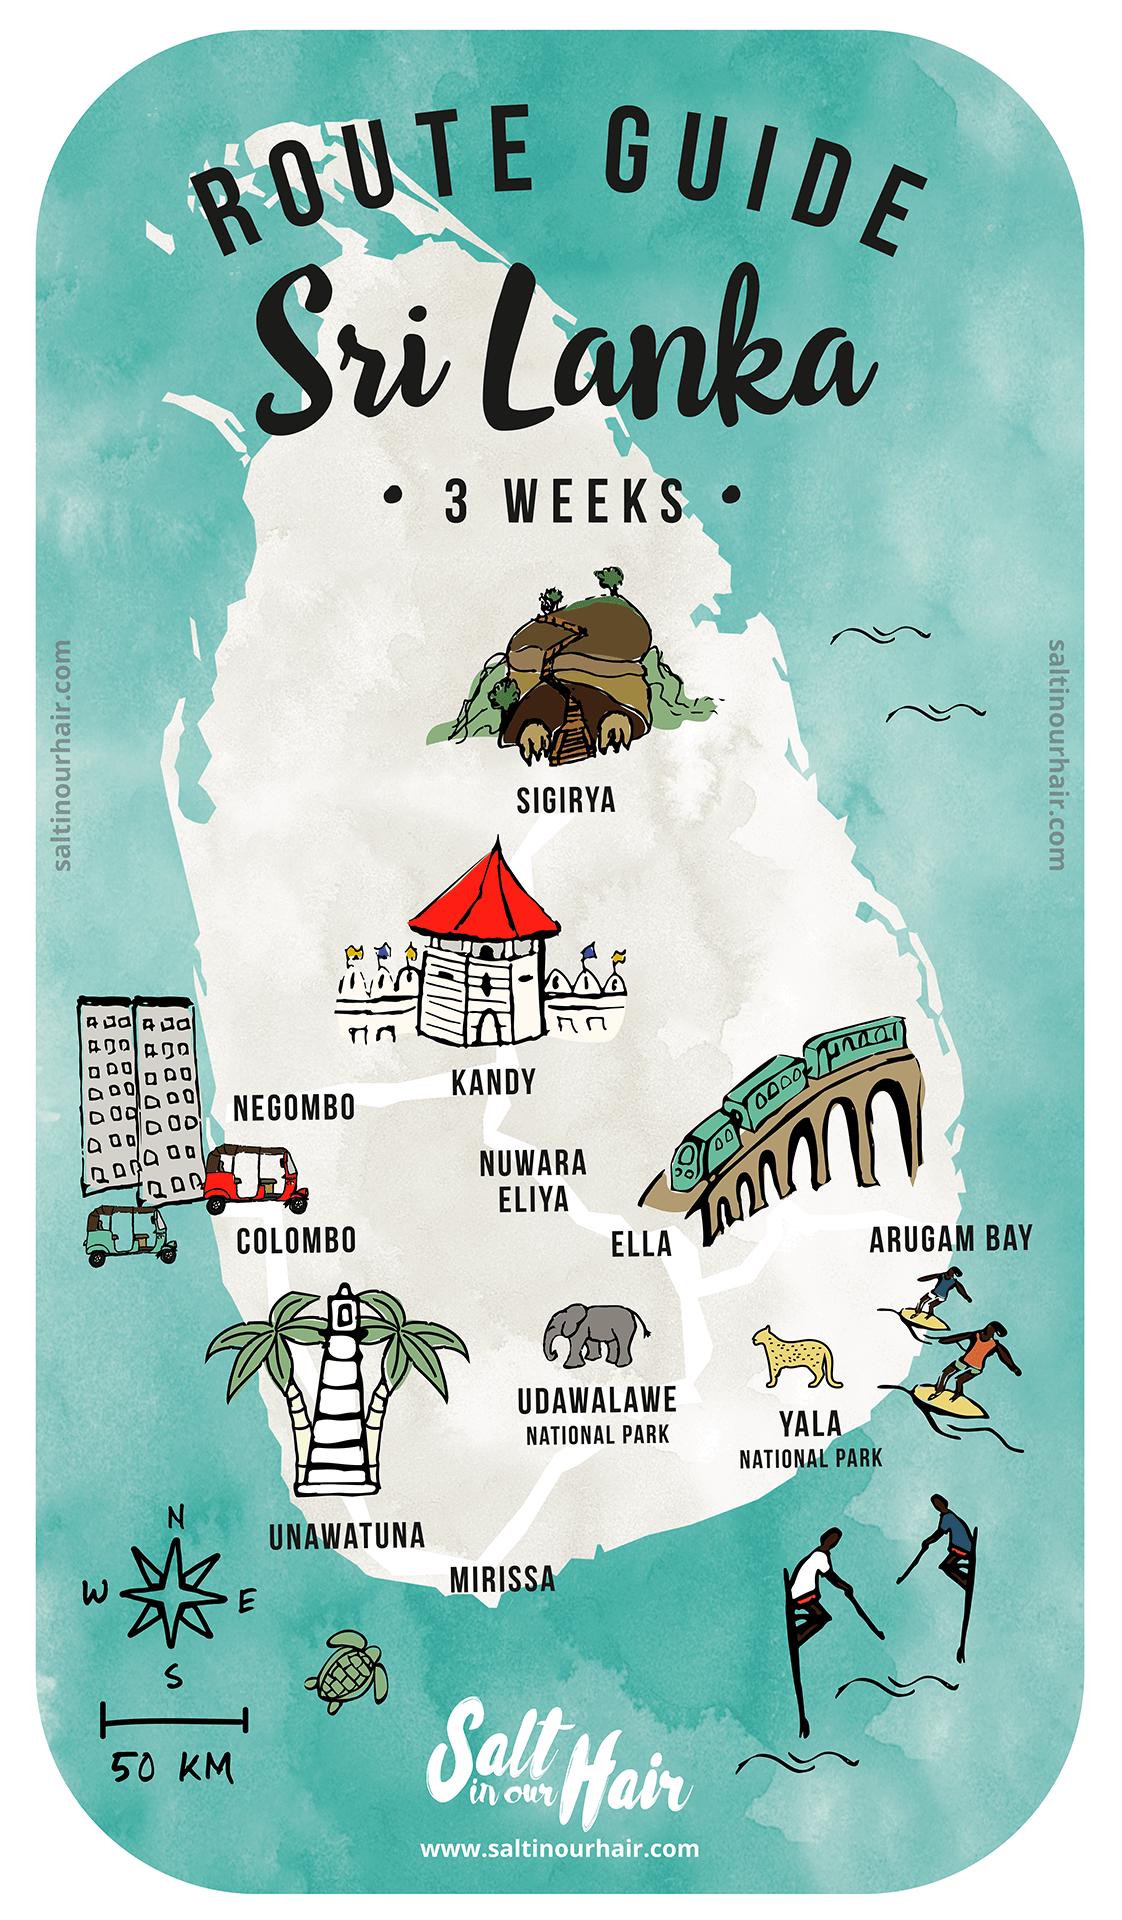 Sri Lanka Route Guide Viaje Por Asia Viajes Y Sri Lanka